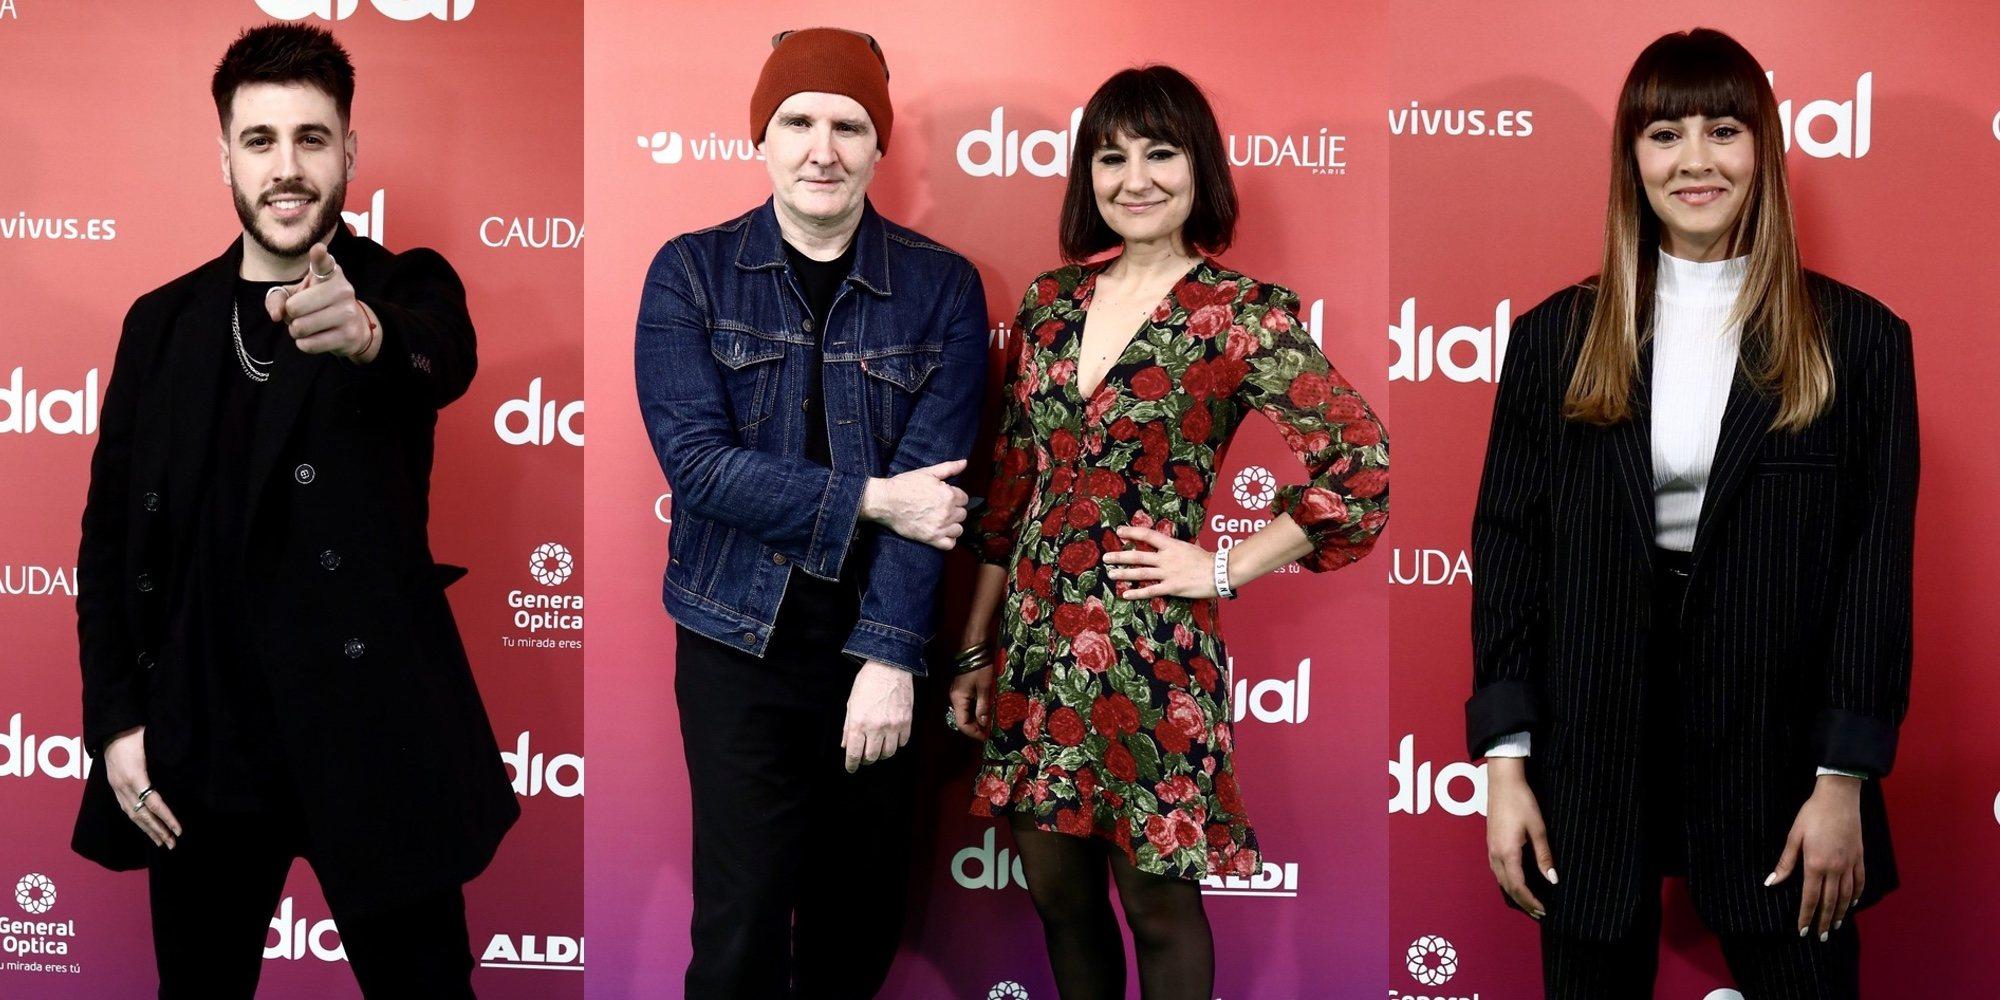 Aitana, Antonio José y Amaral, entre los galardonados con los Premios Cadena Dial 2020